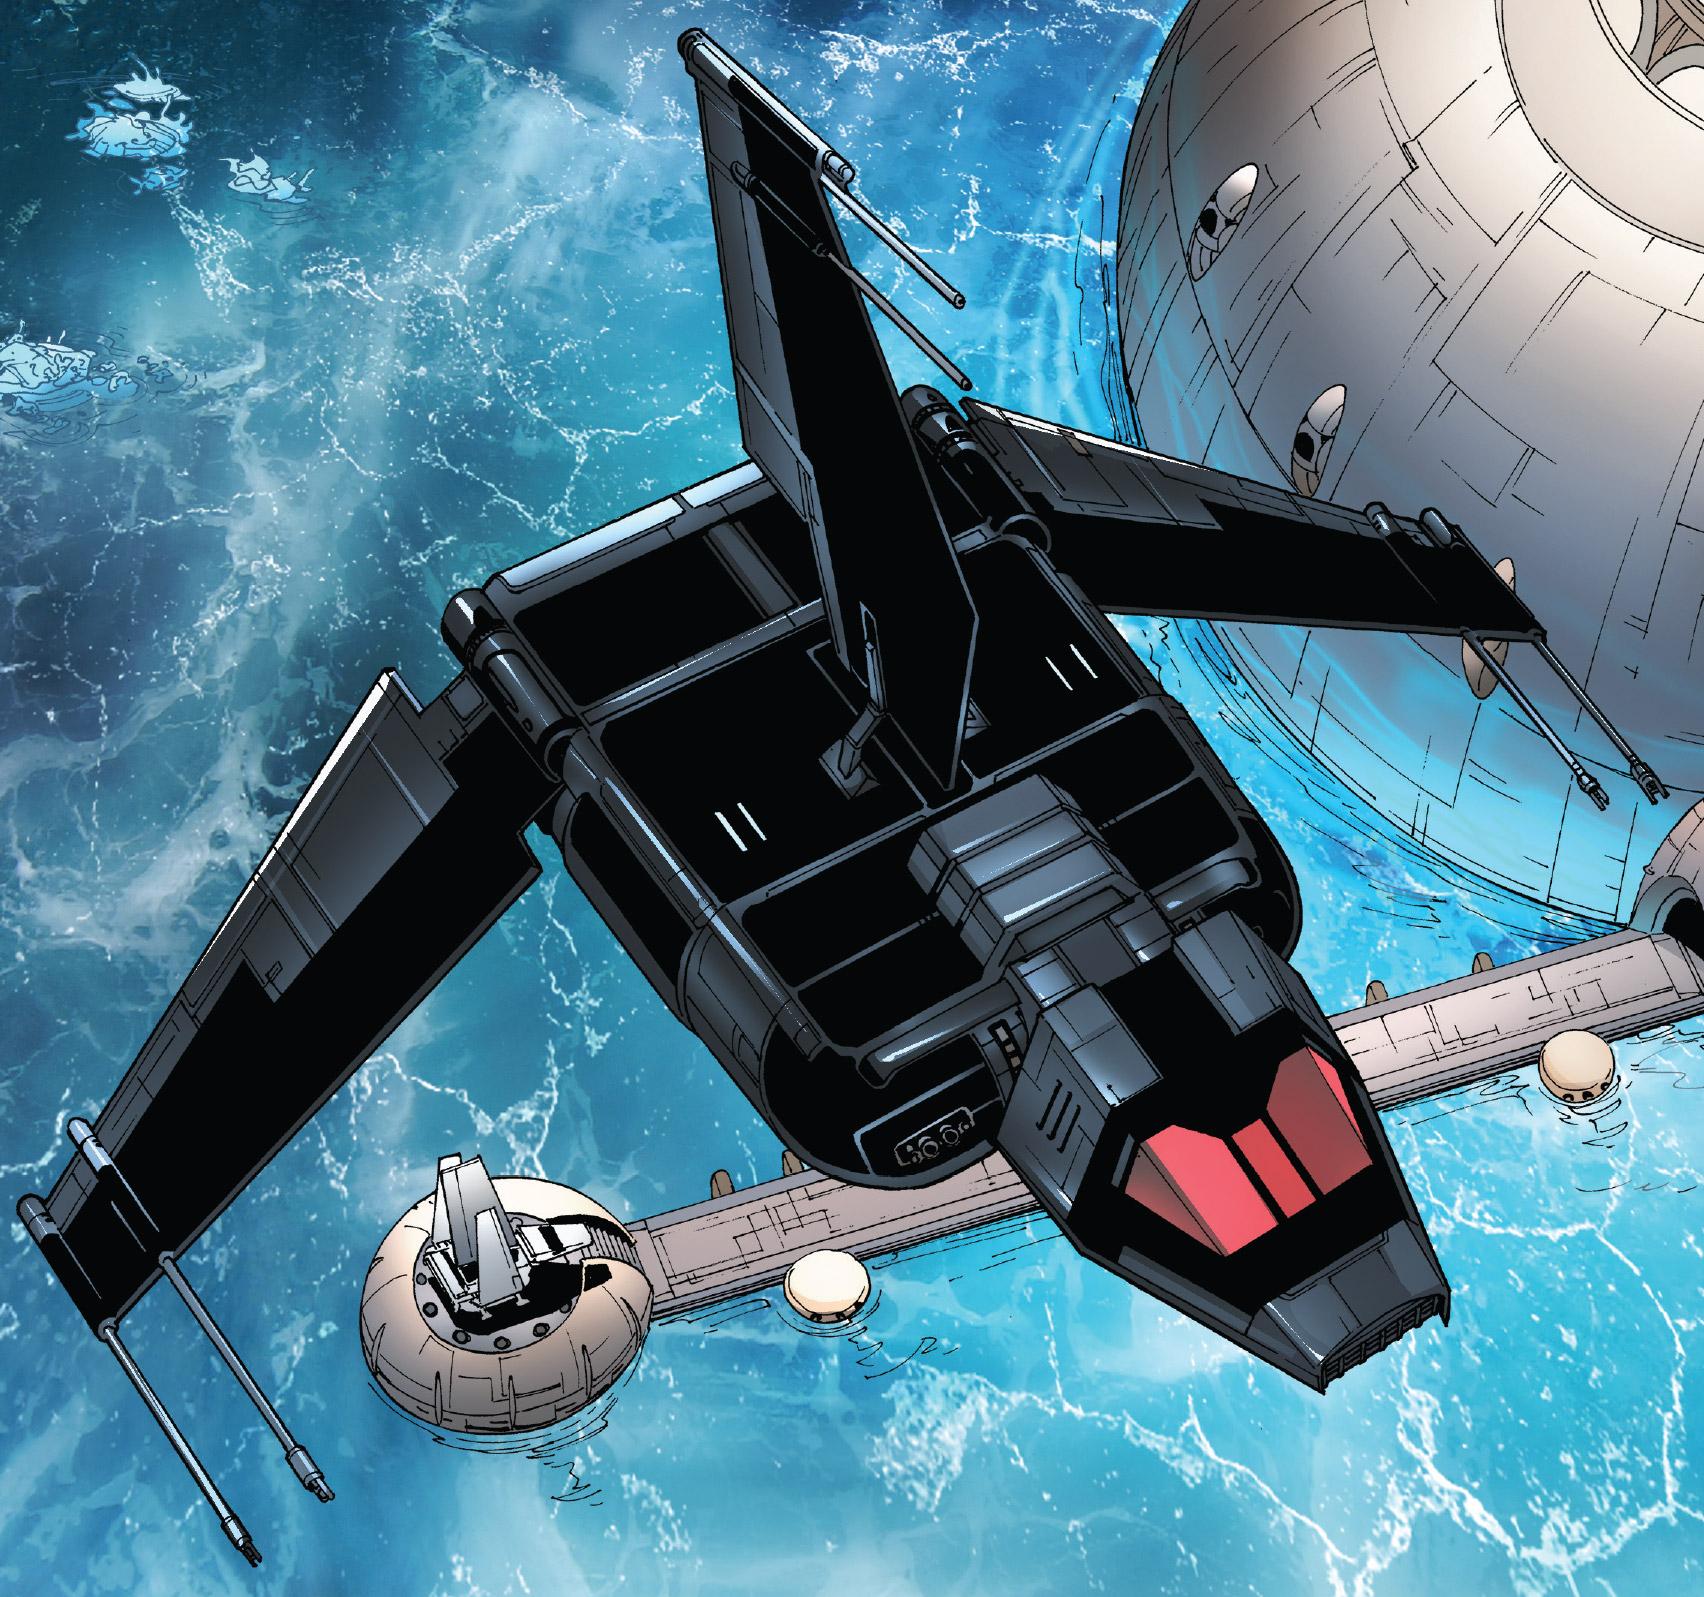 Zeta-class shuttle